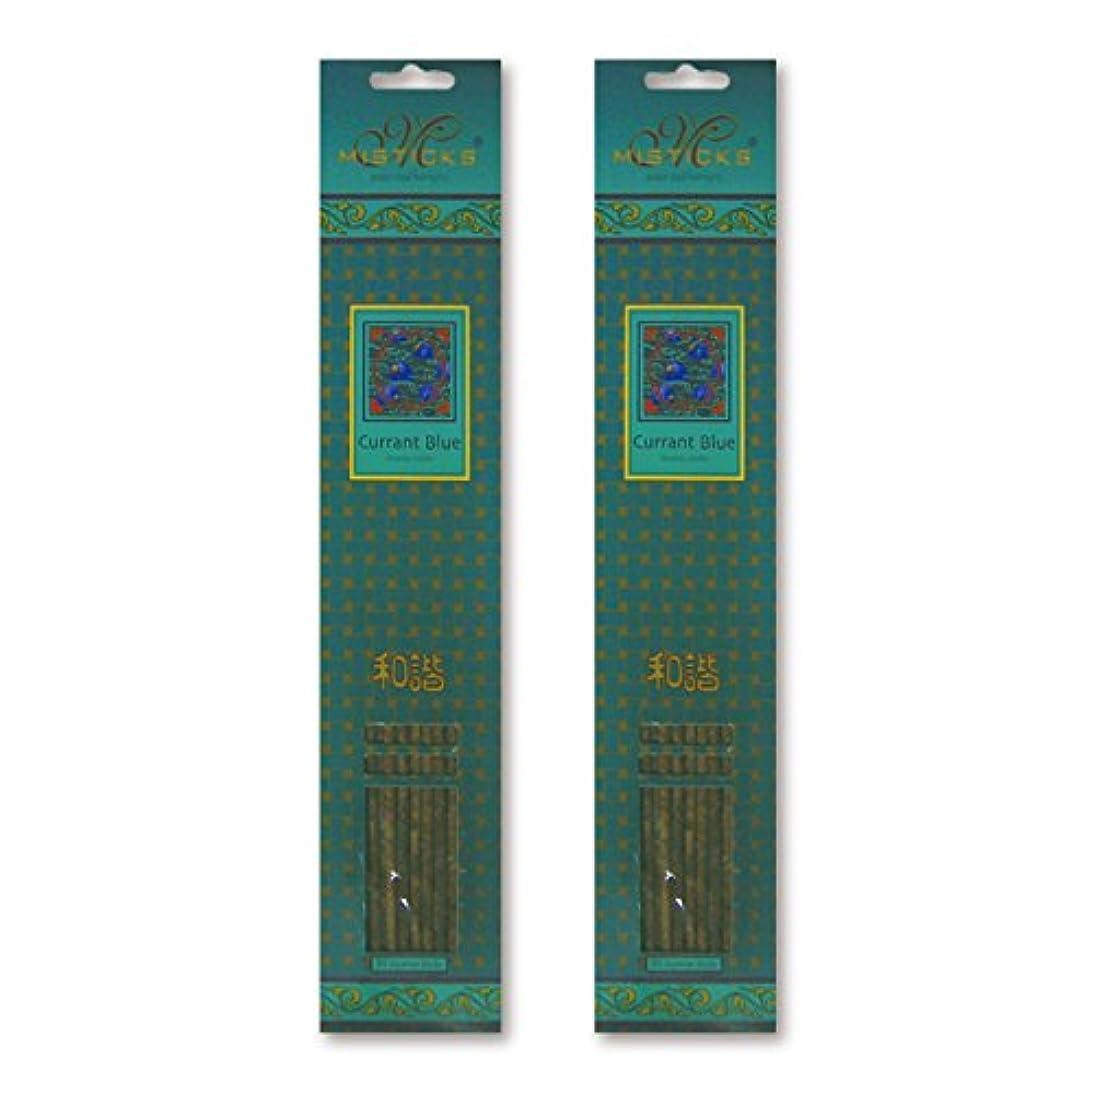 ソース拡大する違反するMISTICKS ミスティックス Currant Blue カラントブルー お香 20本 X 2パック (40本)